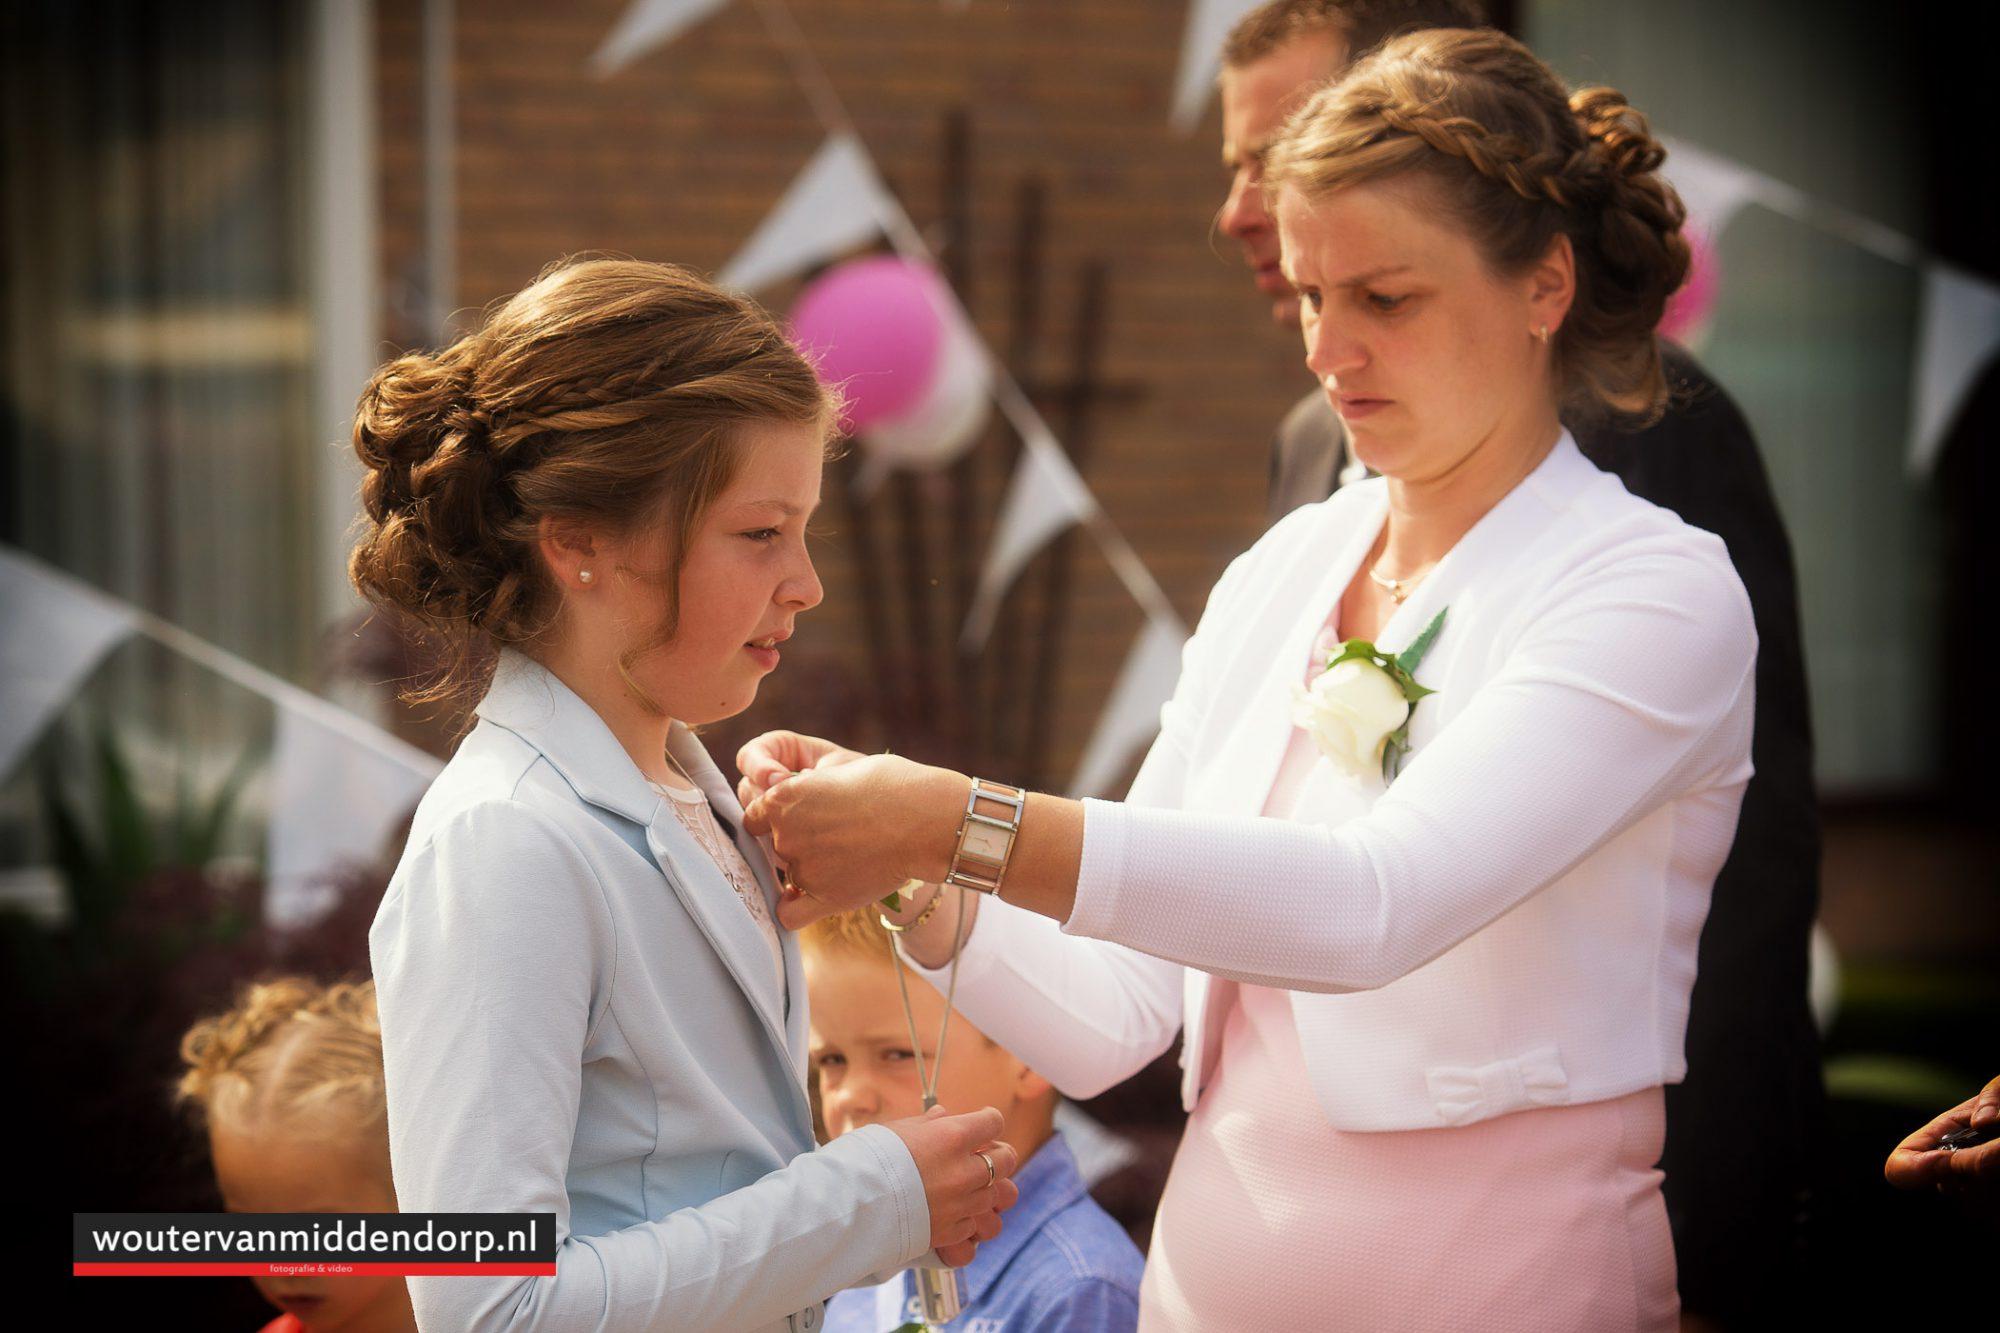 bruidsfotografie-wouter-van-middendorp-veenendaal-uddel-22